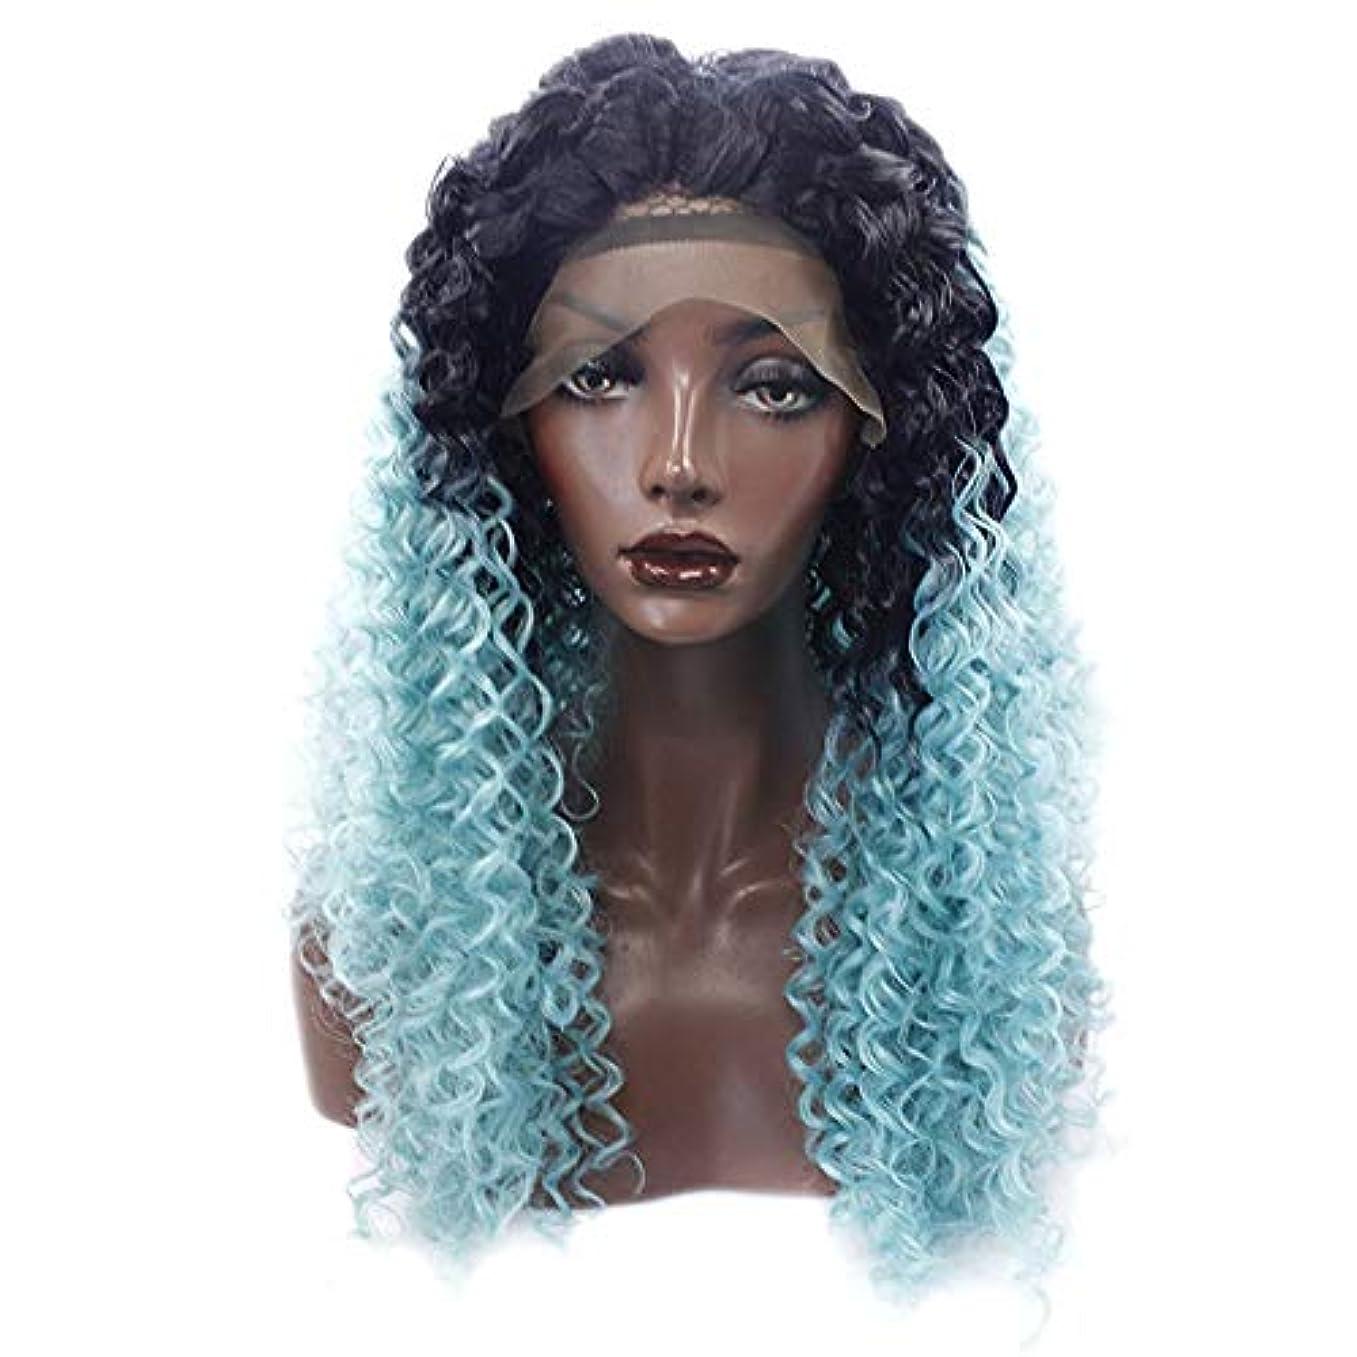 インディカマニアックヒギンズYOUQIU 女性の耐熱ウィッグのためにダークルーツを持つ側パート2トーンショート波状の合成かつらとスカイブルーレースフロントウィッグボブ (色 : 青)